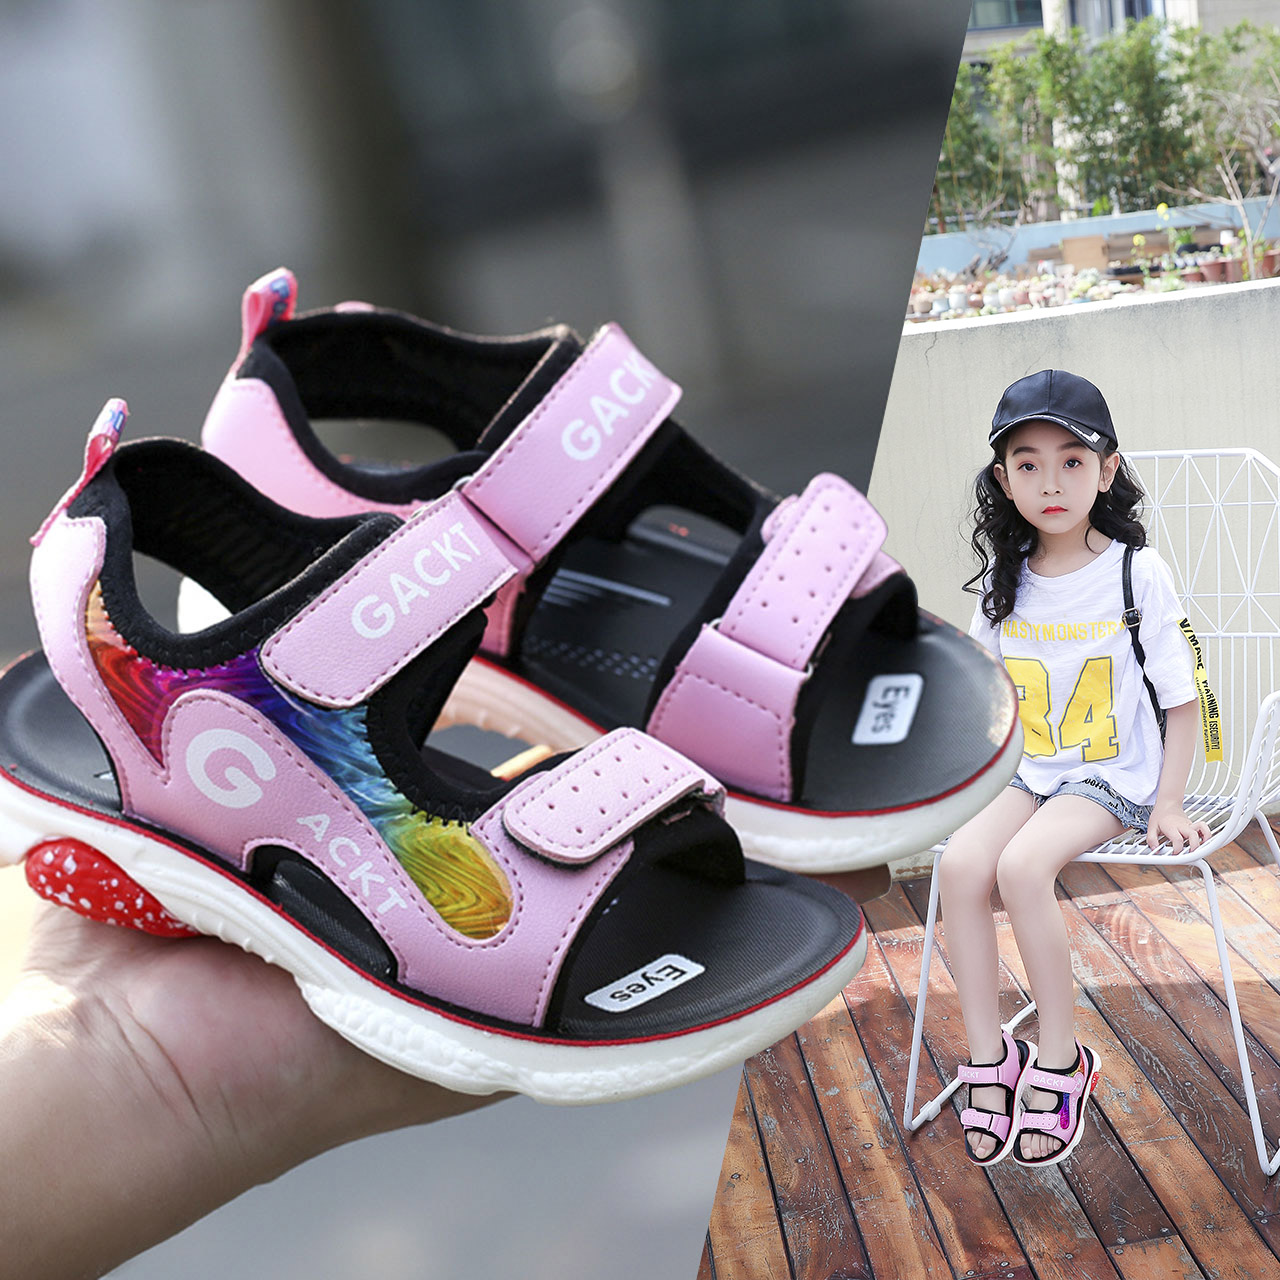 女童凉鞋夏季2019新款儿童凉鞋时尚中大童韩版宝宝小孩男童凉鞋子